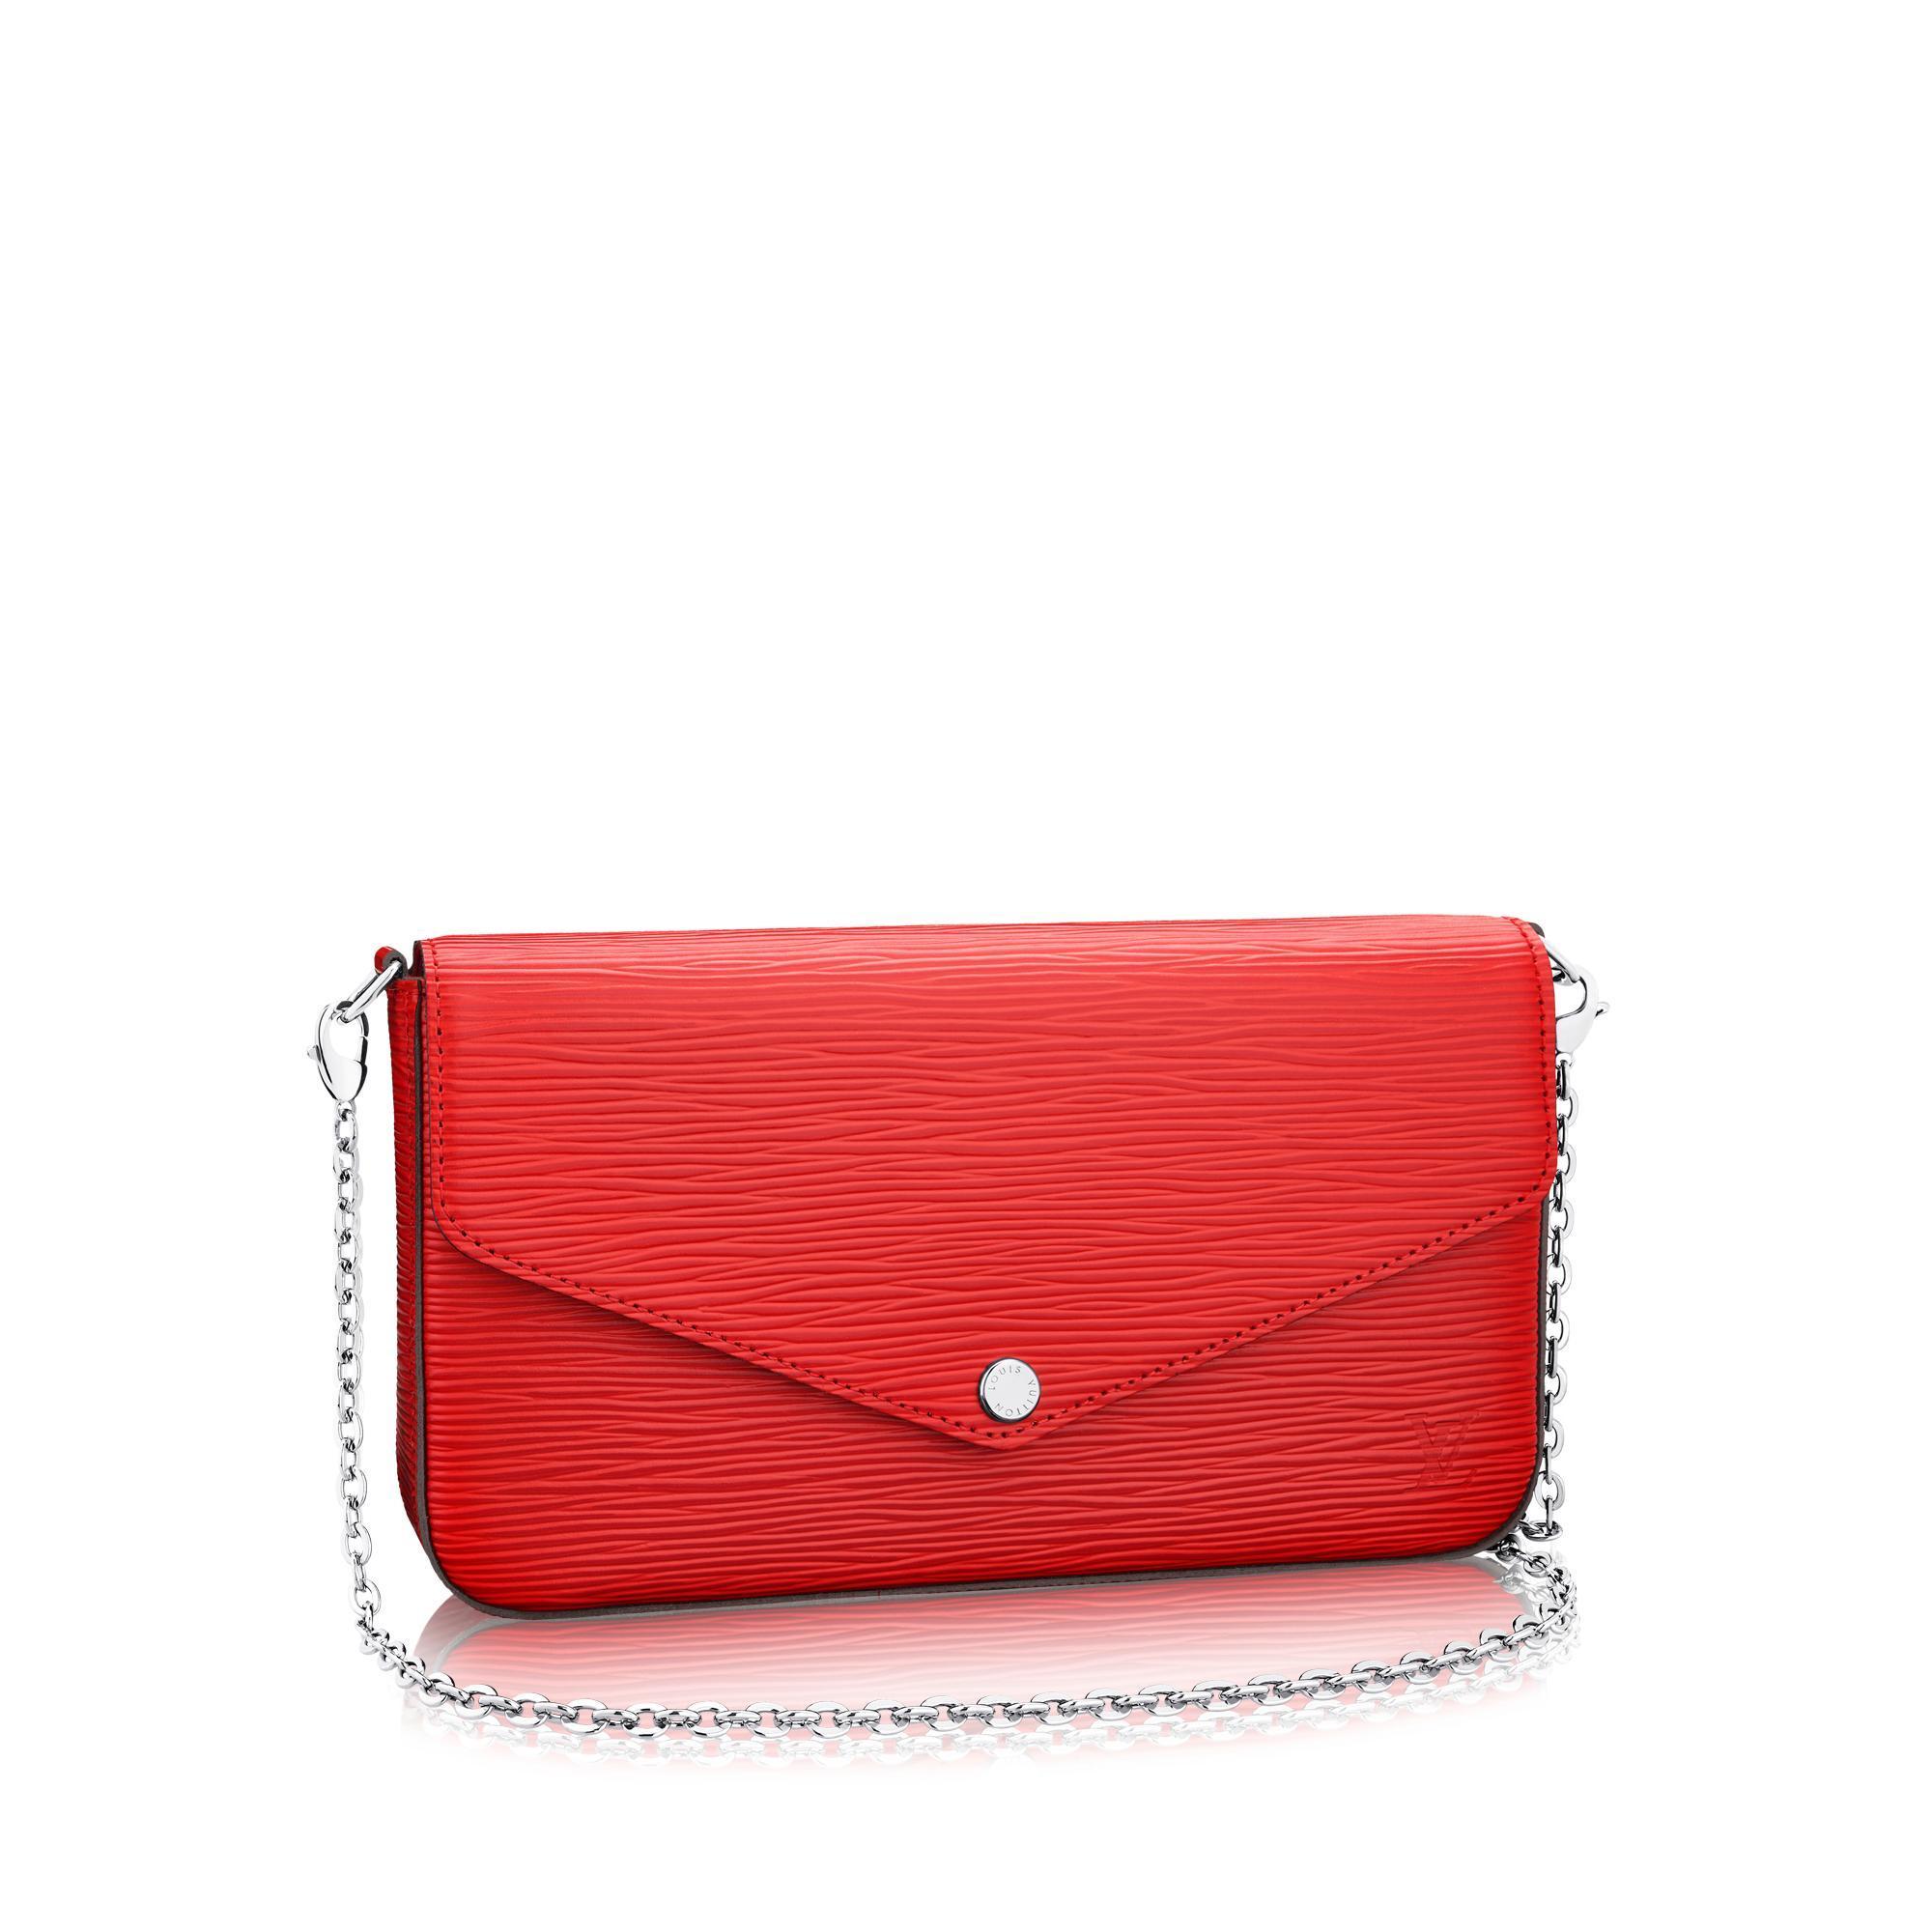 Louis Vuitton Pochette FÉLicie In Epi Leather  d4d480555292d